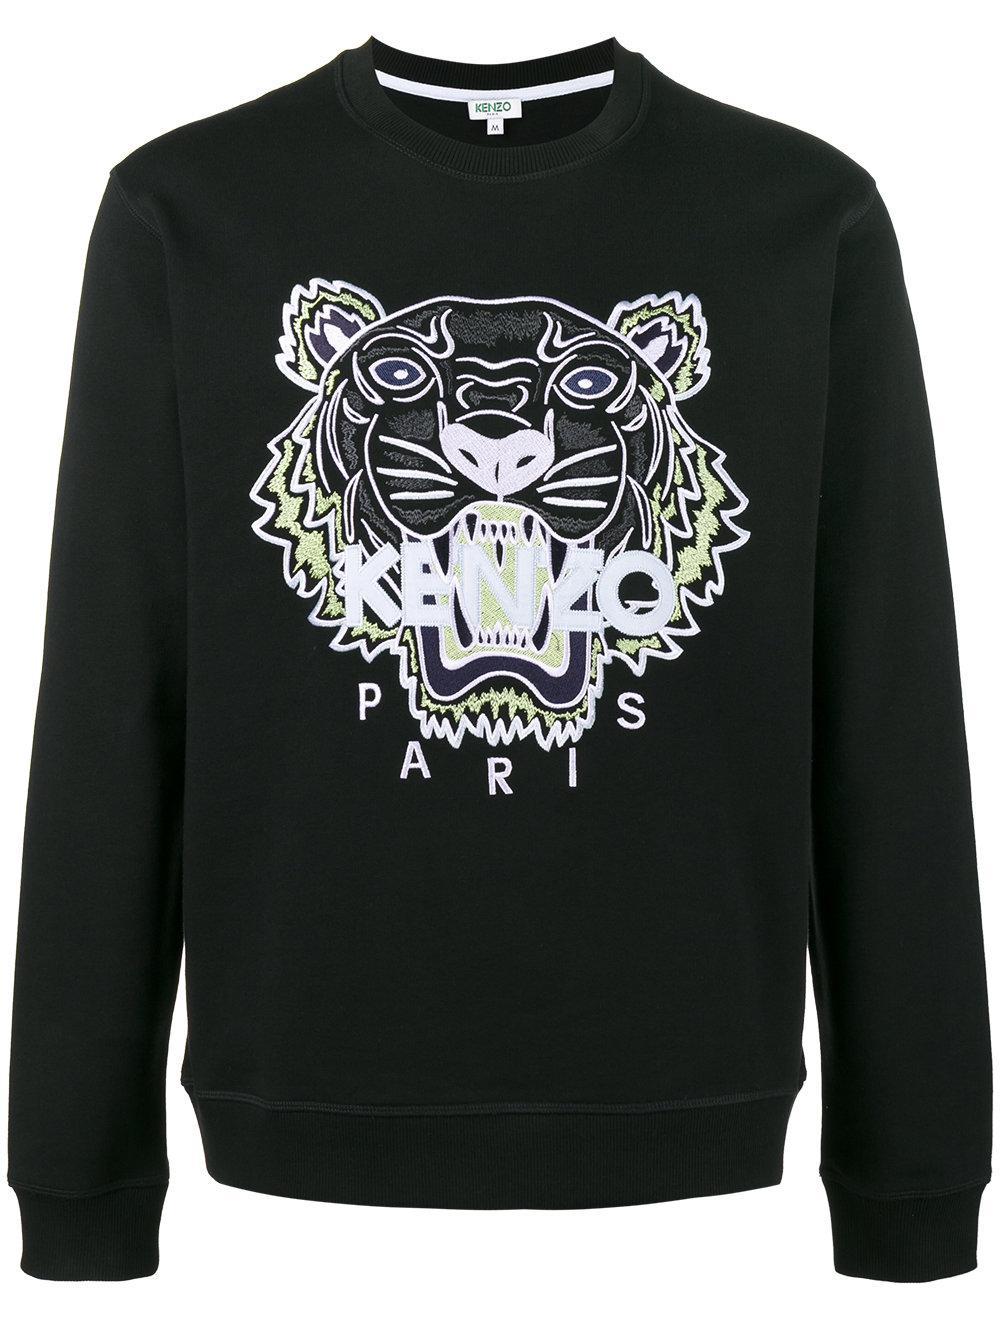 kenzo tiger embroidered sweatshirt in black for men lyst. Black Bedroom Furniture Sets. Home Design Ideas